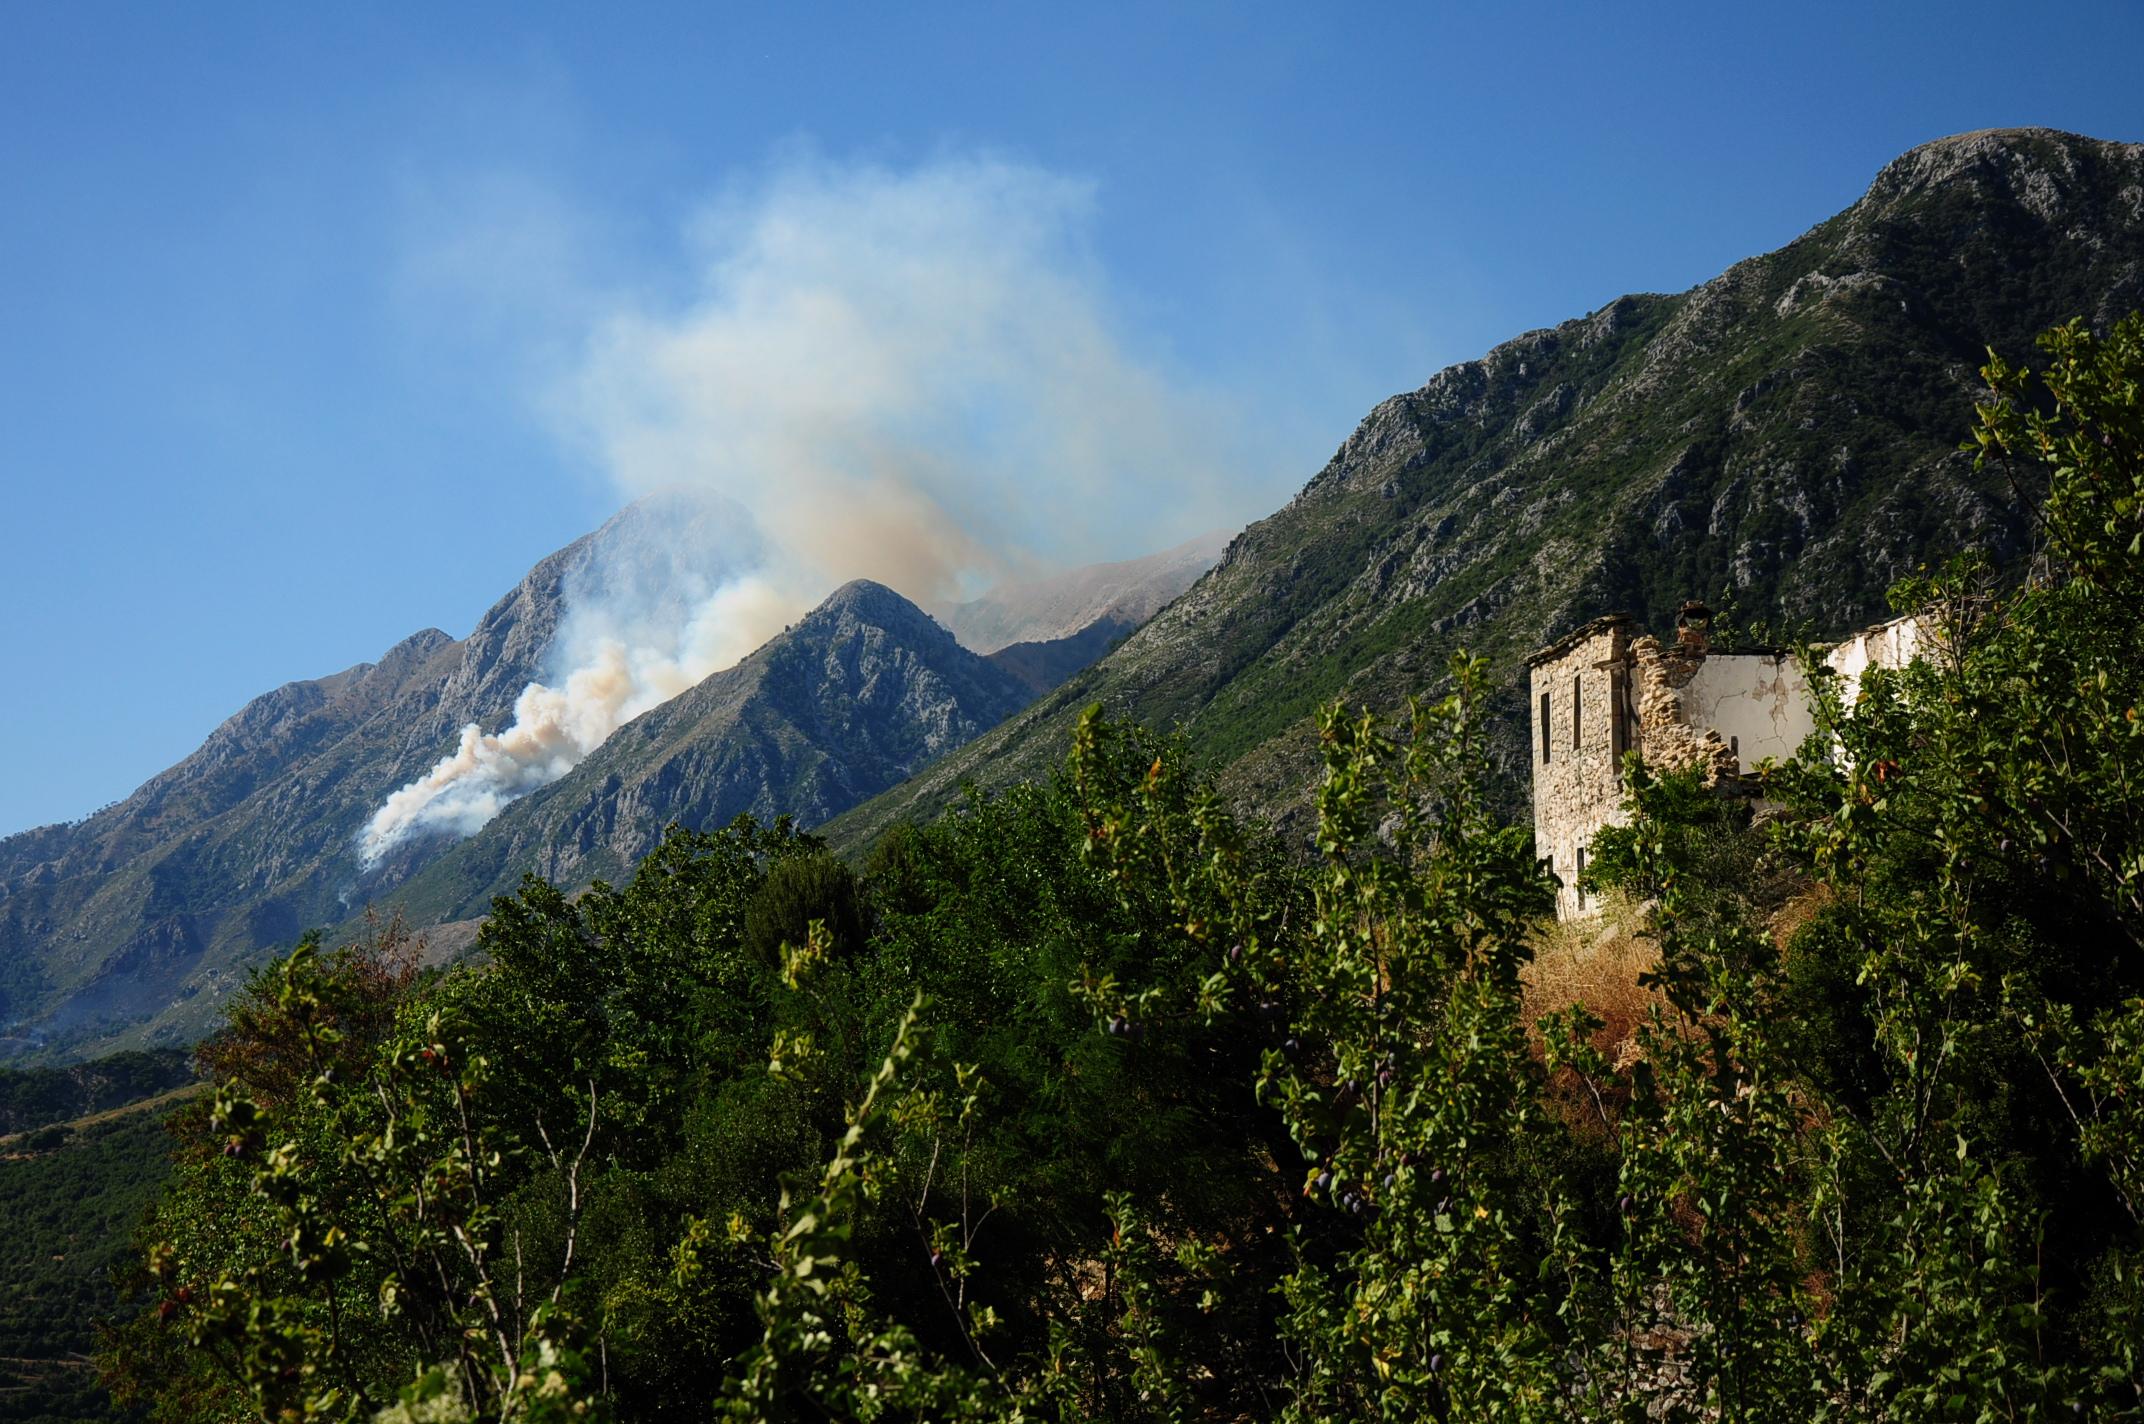 A falu egyik háza és a füst